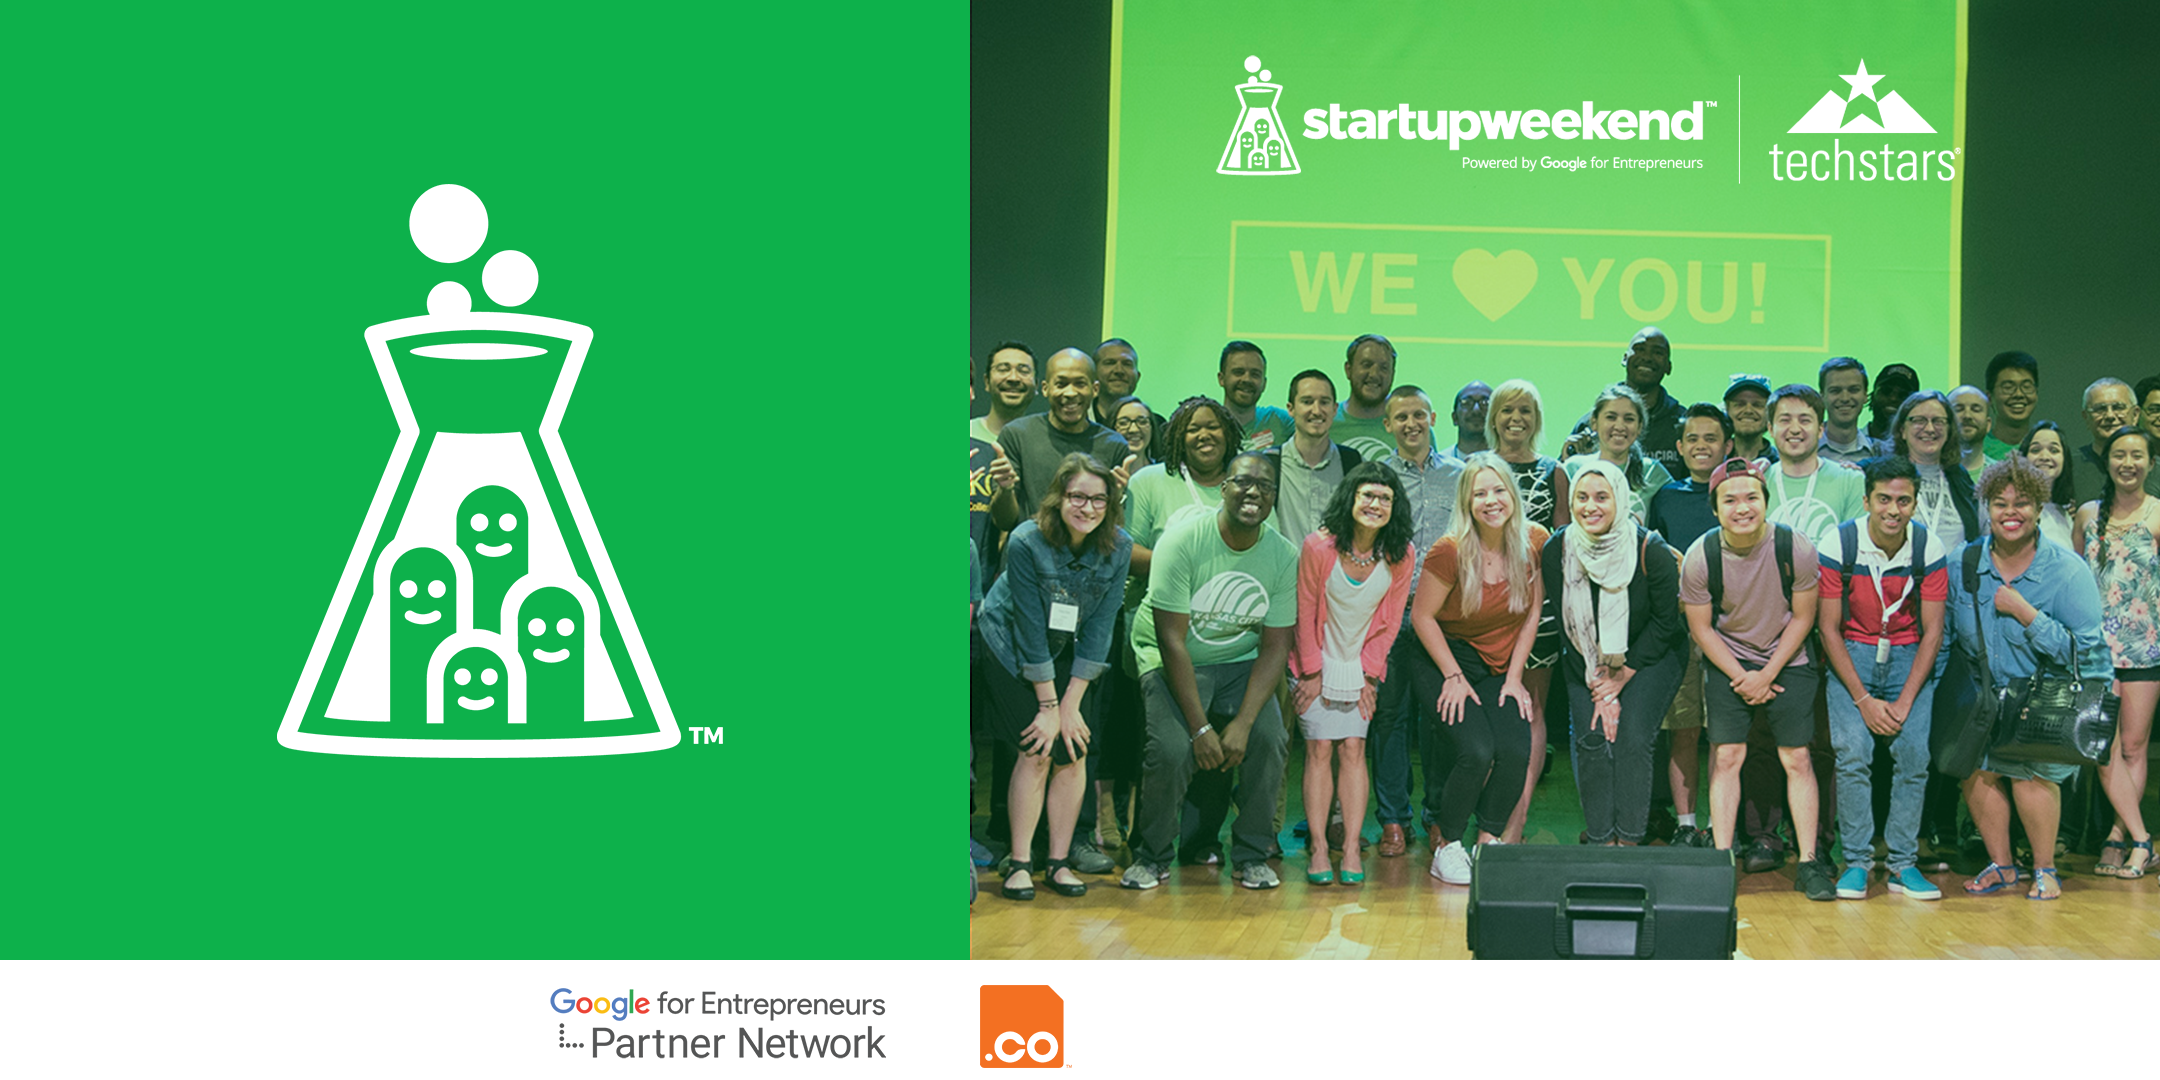 Techstars Startup Weekend Rochester: June 5-7, 2020